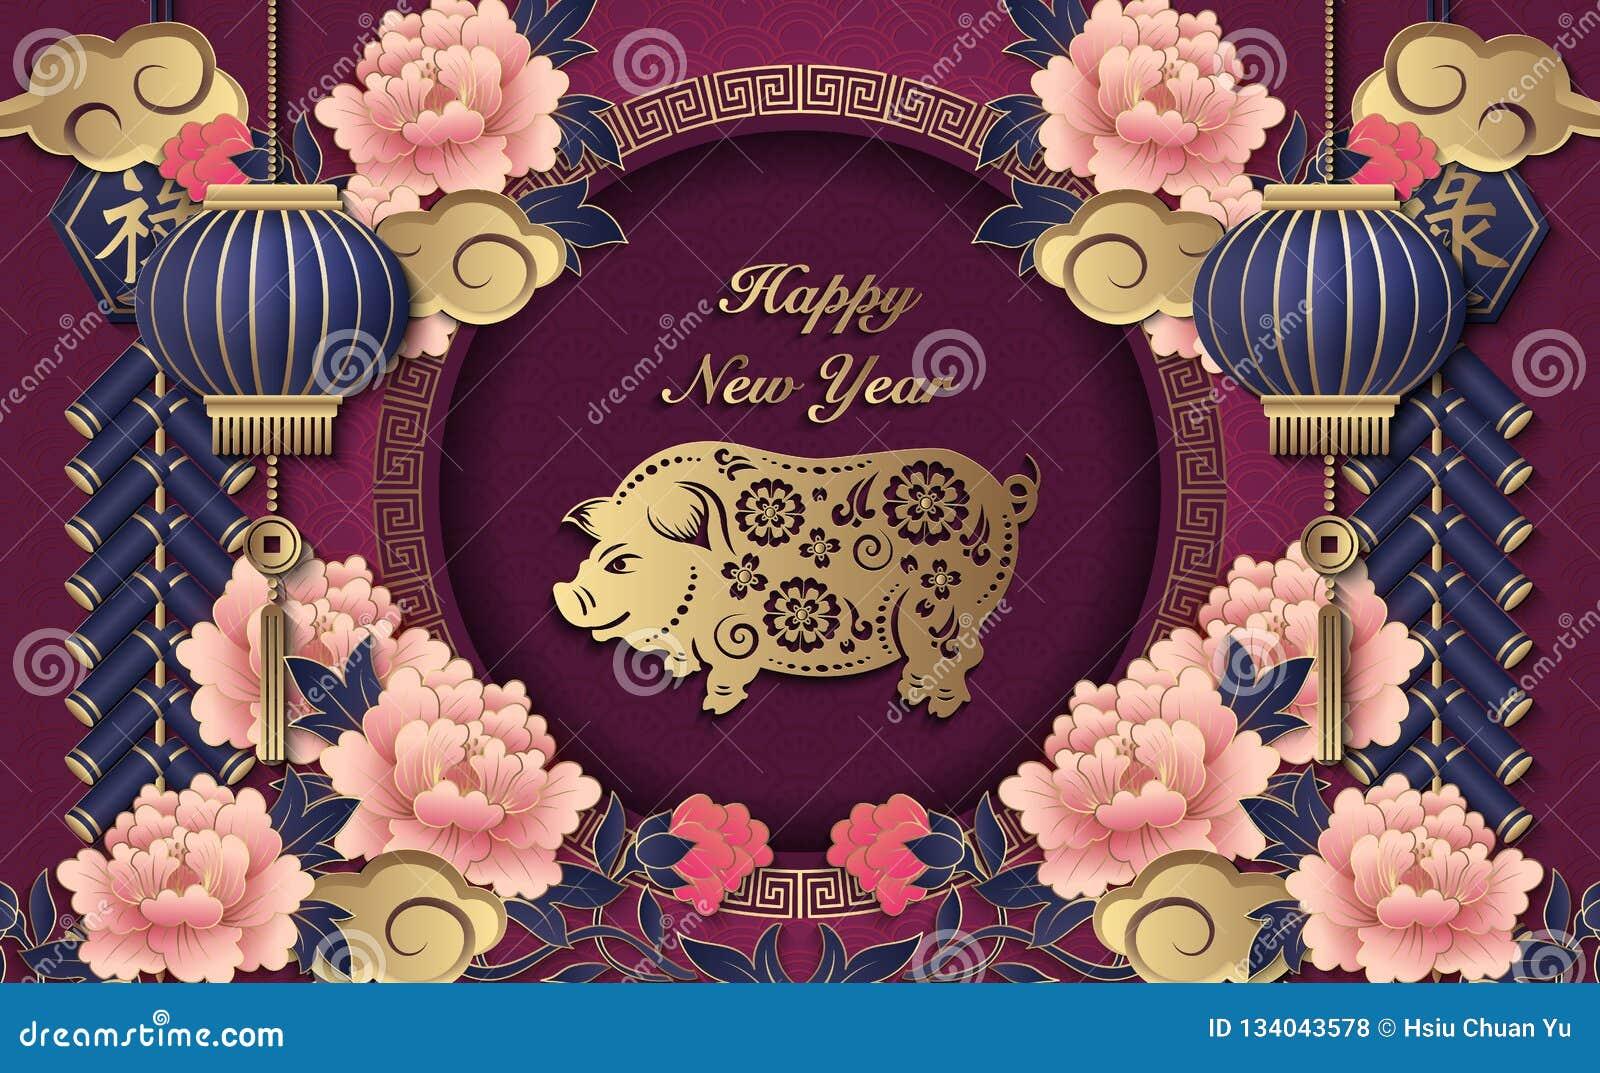 愉快的春节减速火箭的金子紫色安心牡丹花灯笼猪云彩爆竹和装饰圆的框架